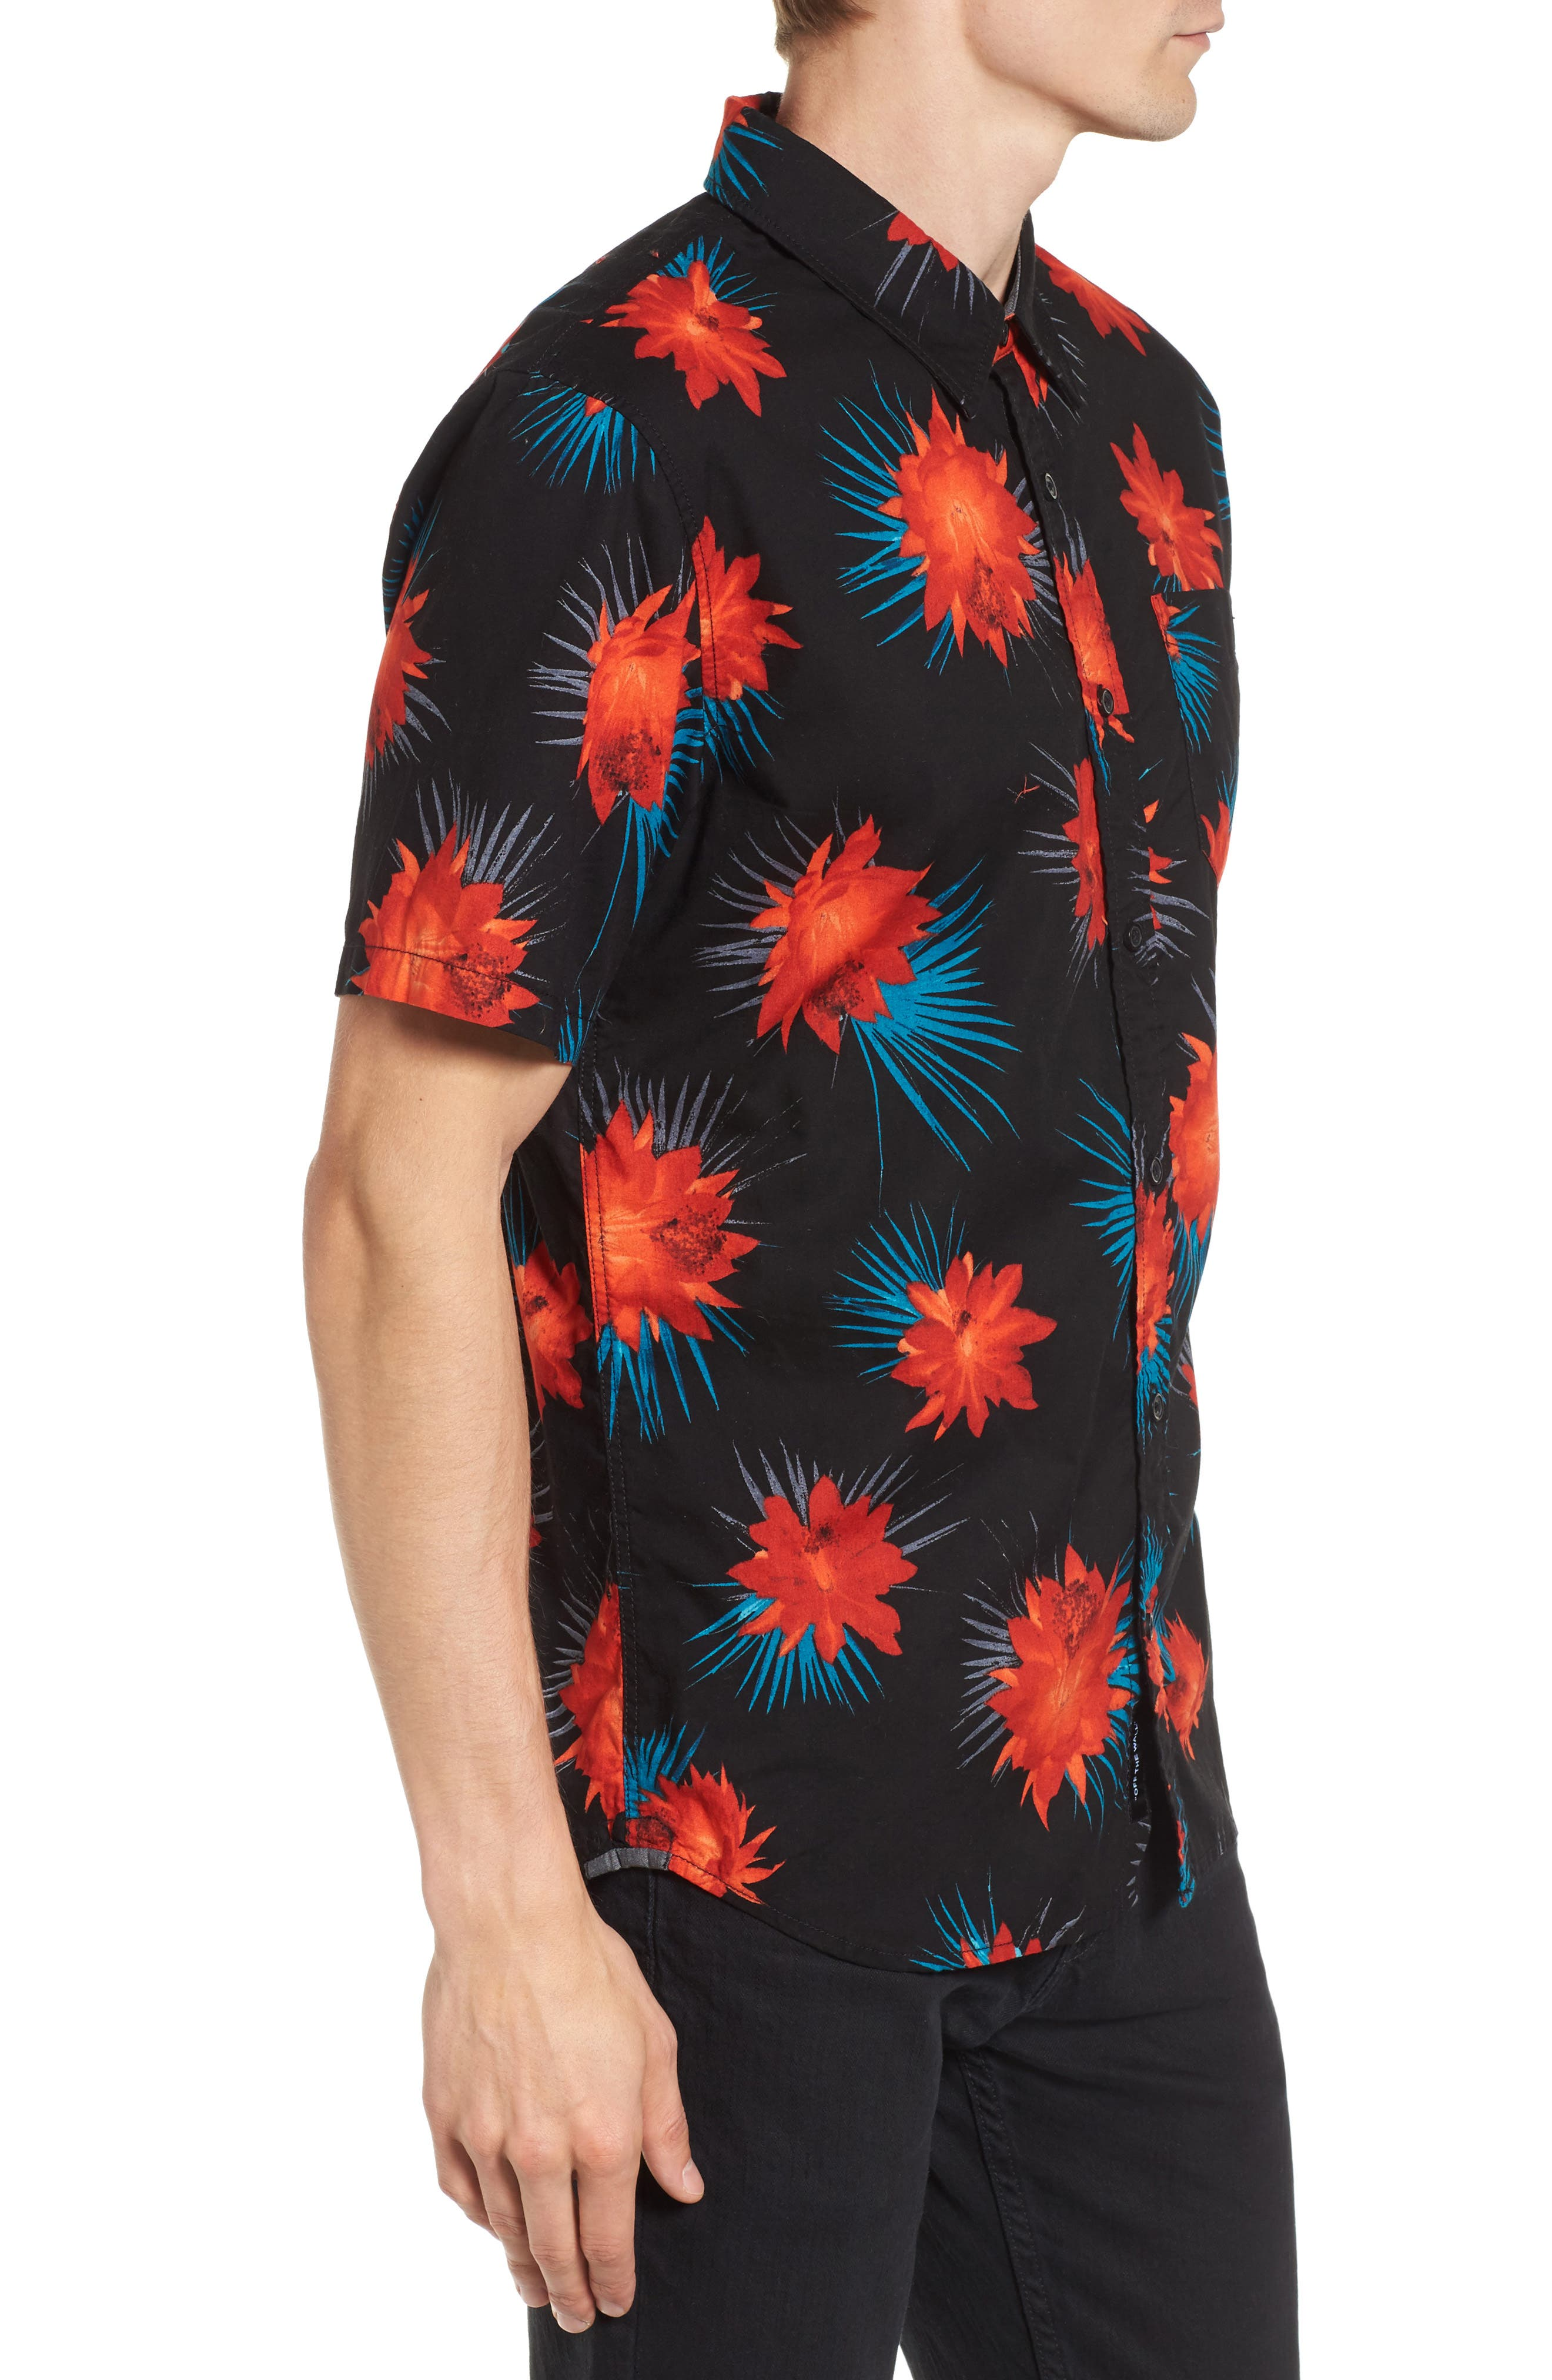 Cultivar Woven Shirt,                             Alternate thumbnail 3, color,                             Cactus Floral